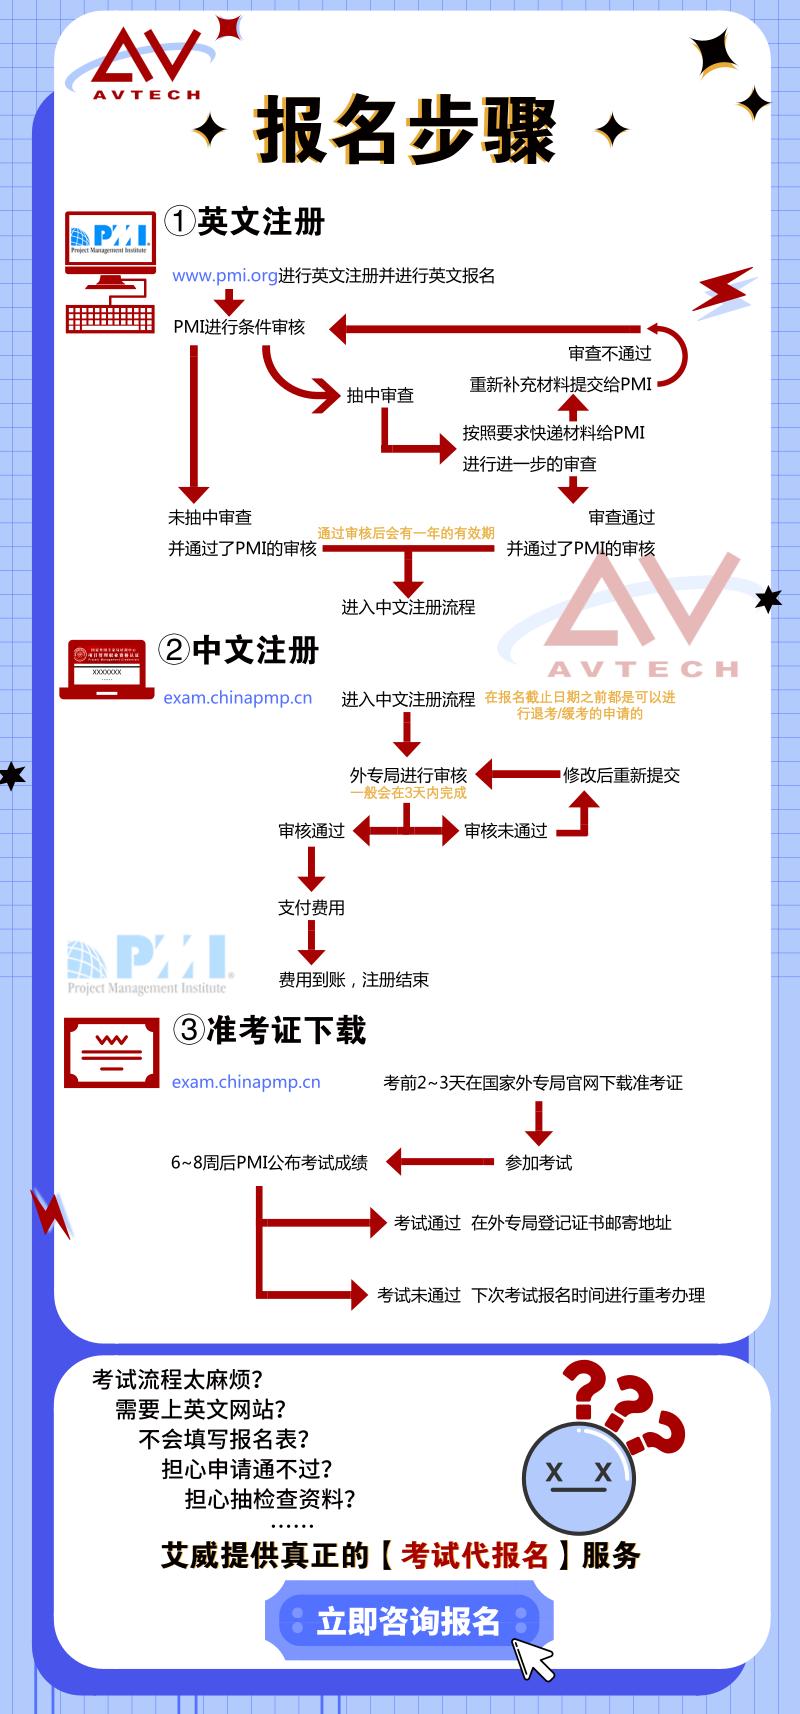 上海PMP报名时间?什么时候报名?